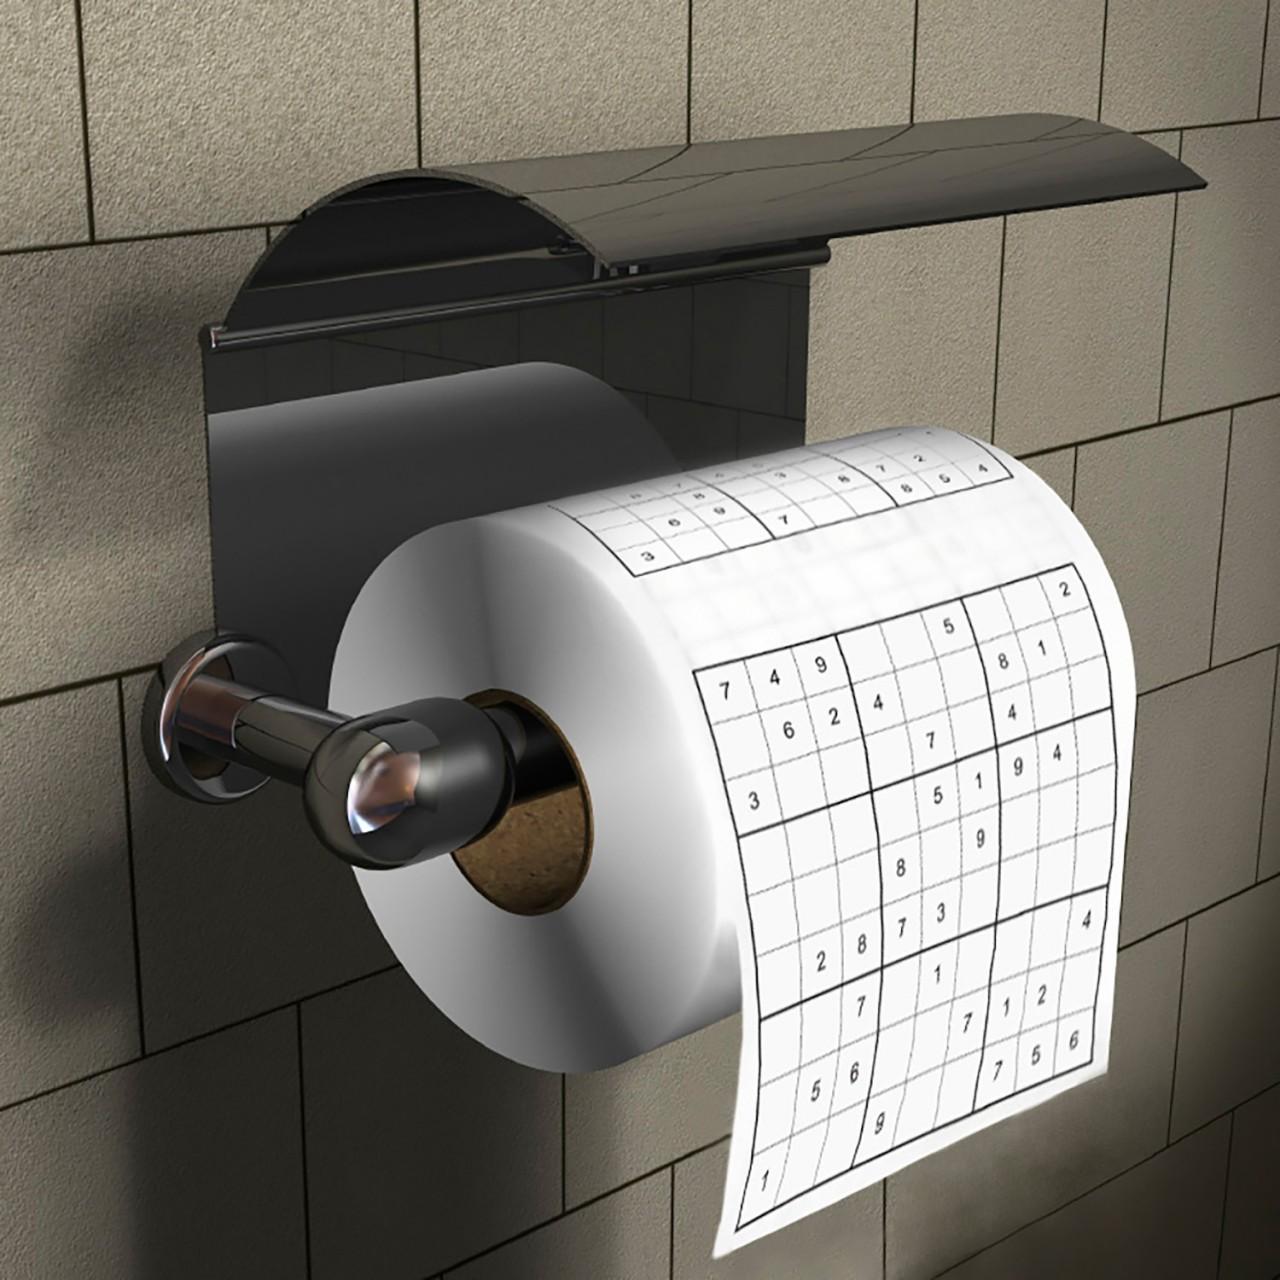 Toilettenpapier Klopapier Sudoku